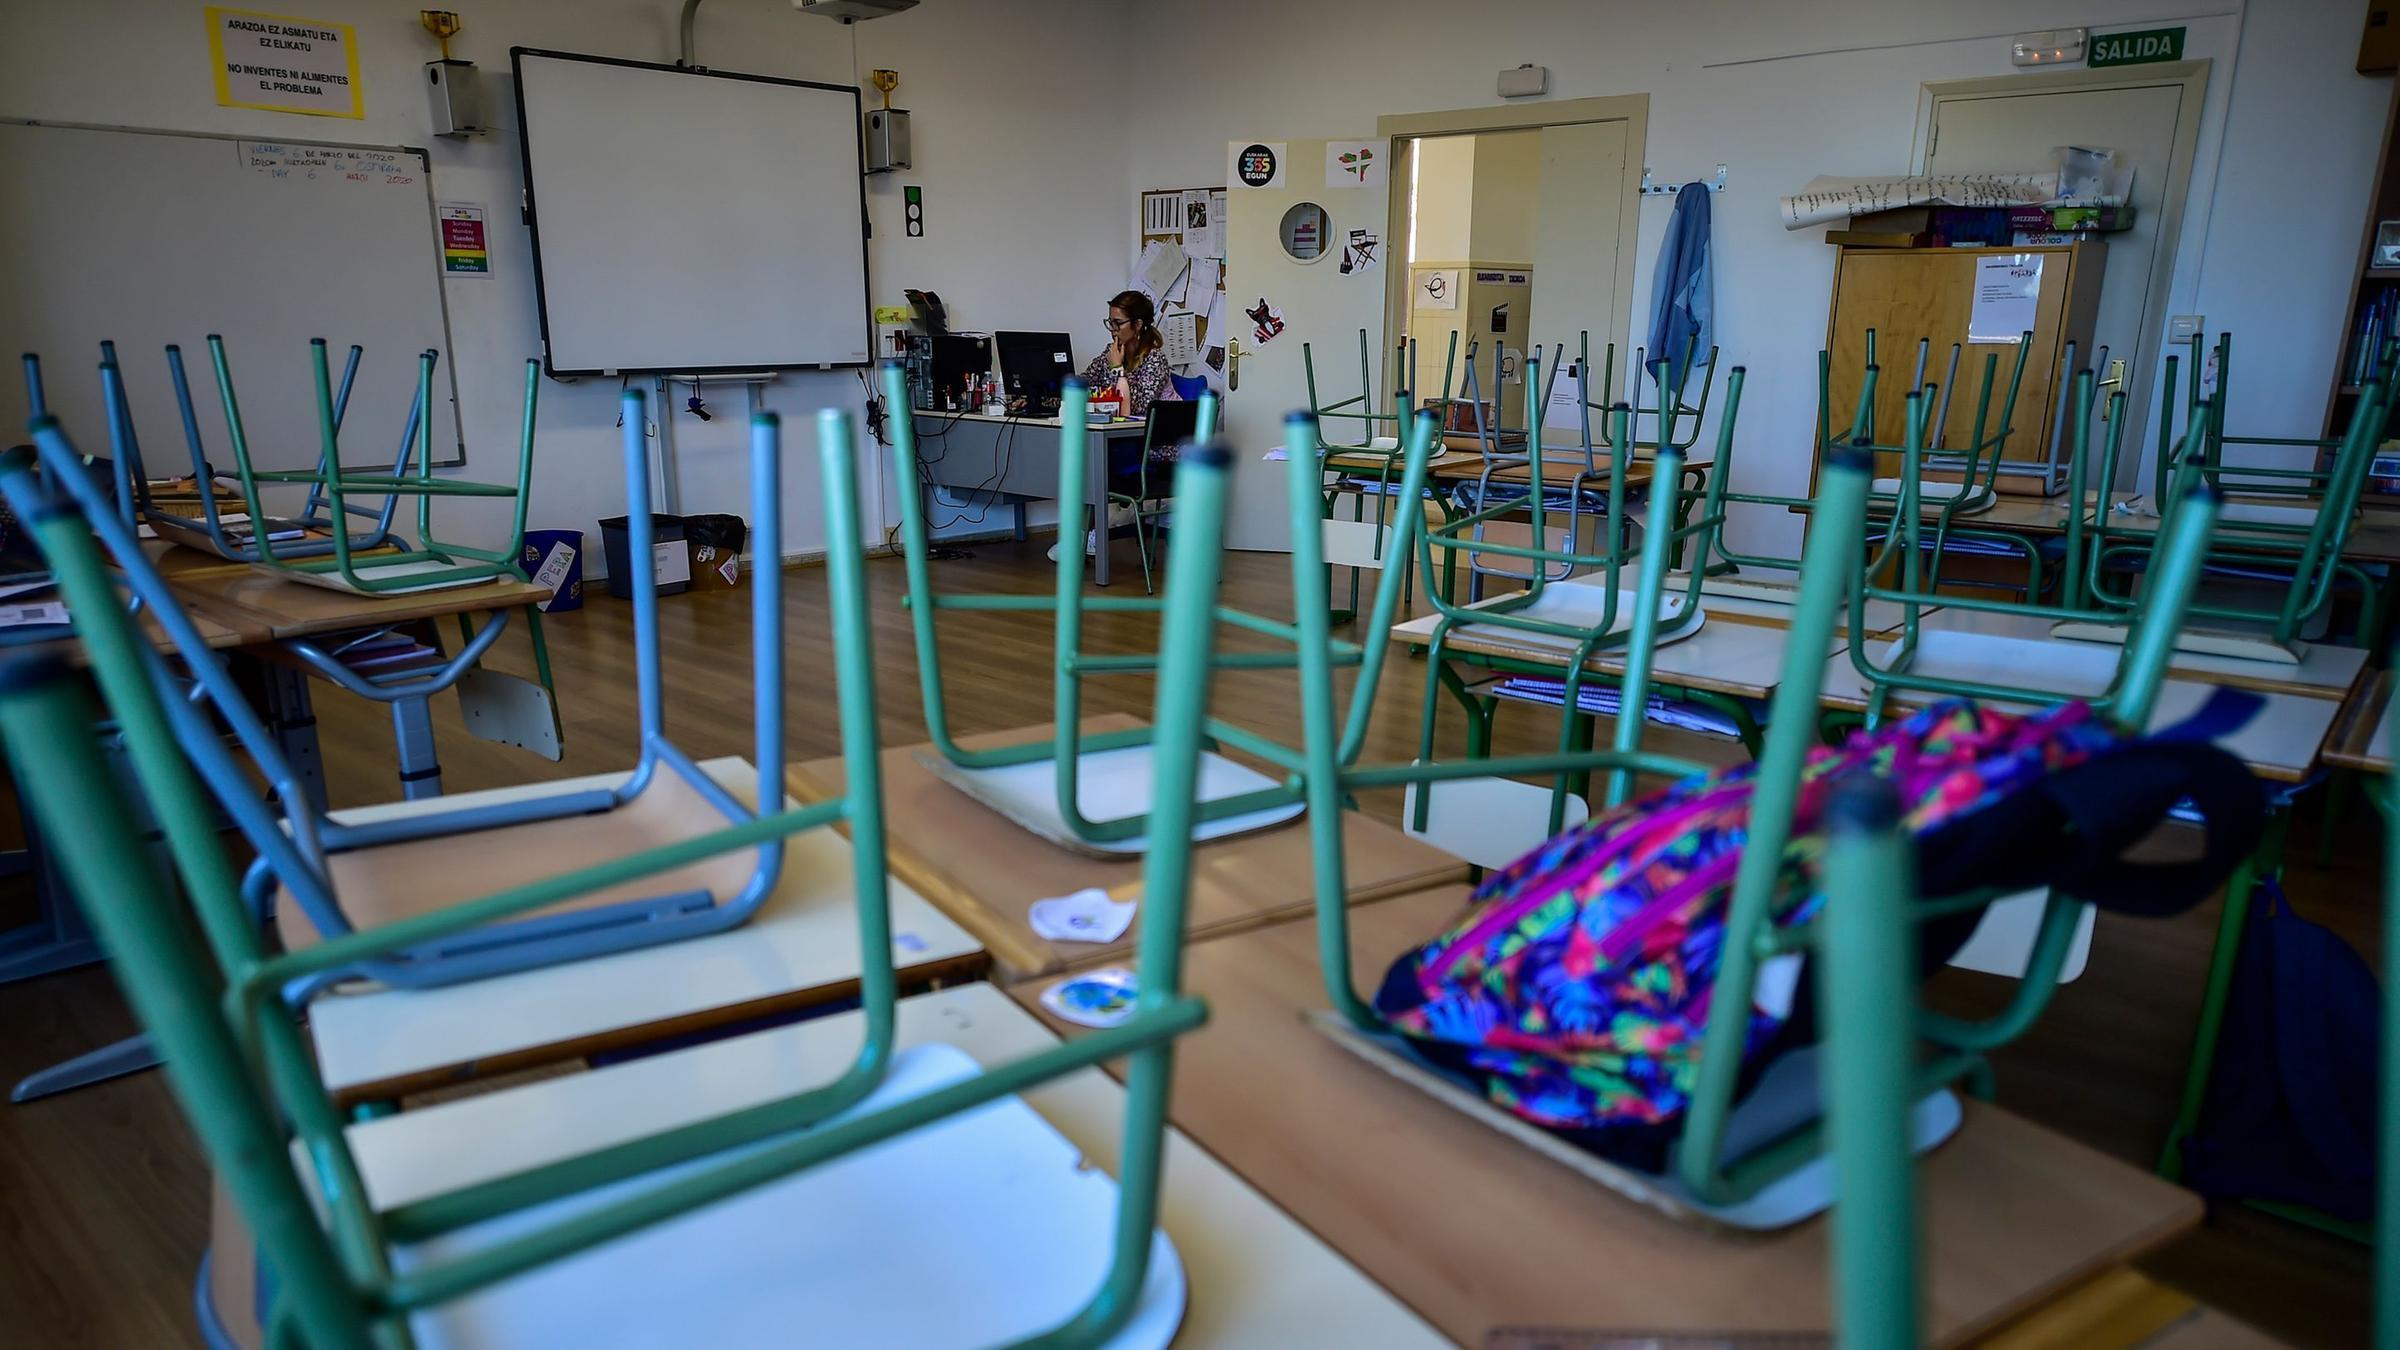 klassenzimmer zdf de